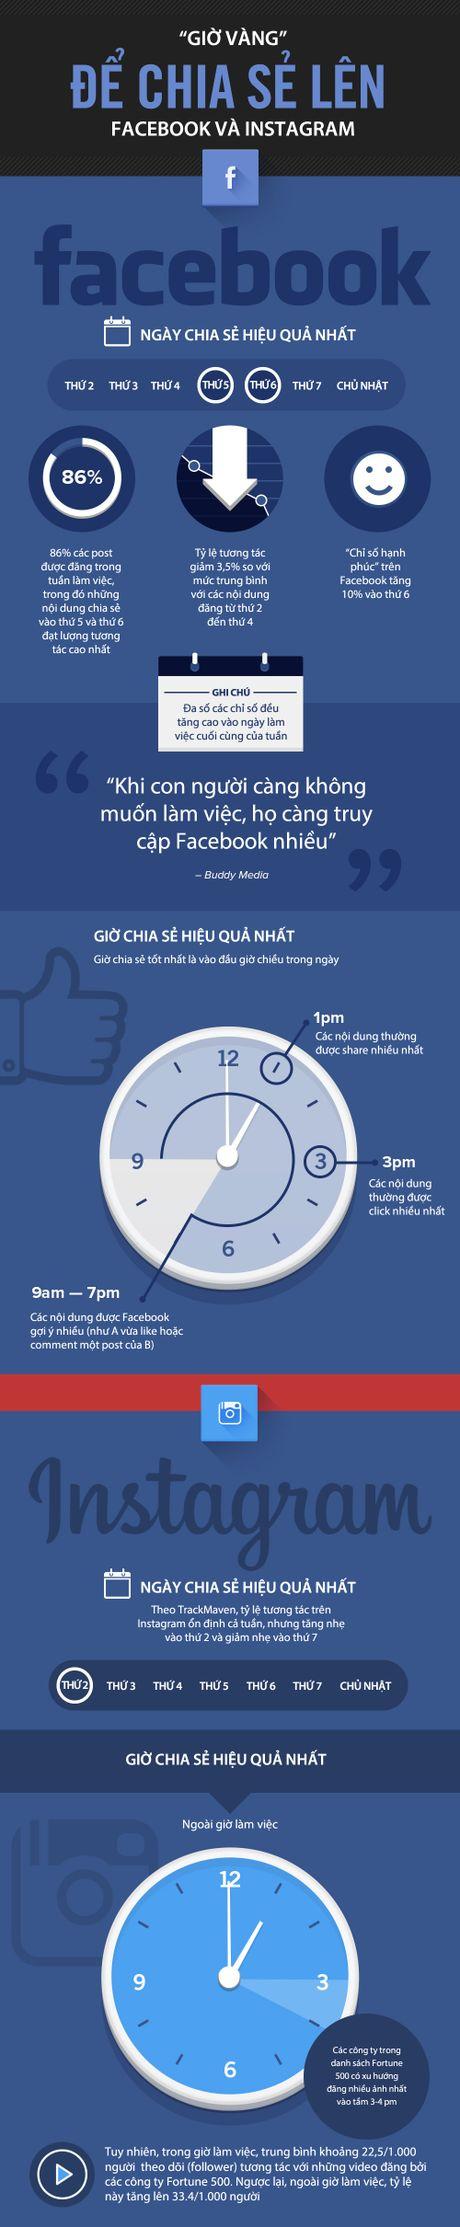 Infographic: Gio vang de chia se len mang xa hoi - Anh 2